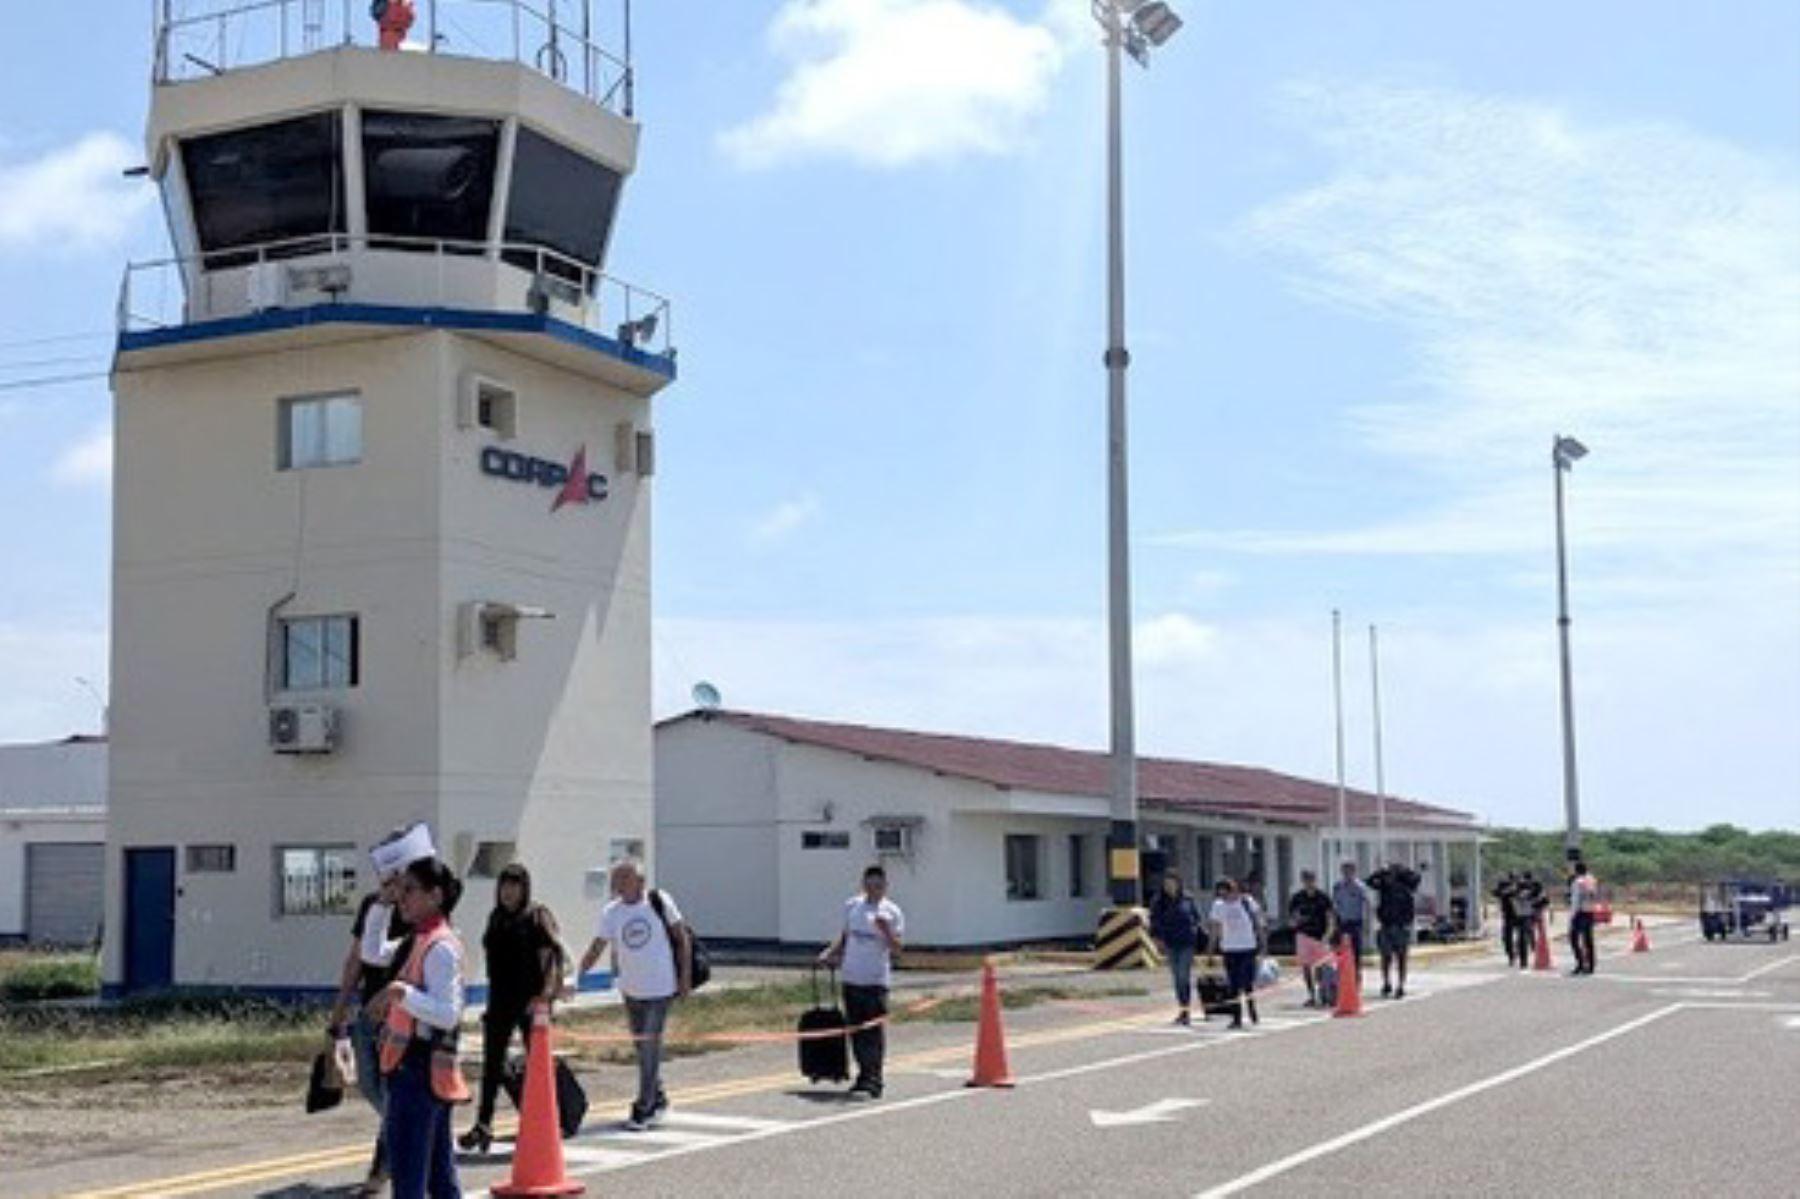 La Corporación Peruana de Aeropuertos y Aviación Comercial (Corpac) gestionó 768 operaciones de aterrizaje y despegue de aeronaves en el norte peruano, del 16 de marzo al 15 de mayo de 2020, periodo que corresponde a la actual emergencia sanitaria por la pandemia del covid-19.